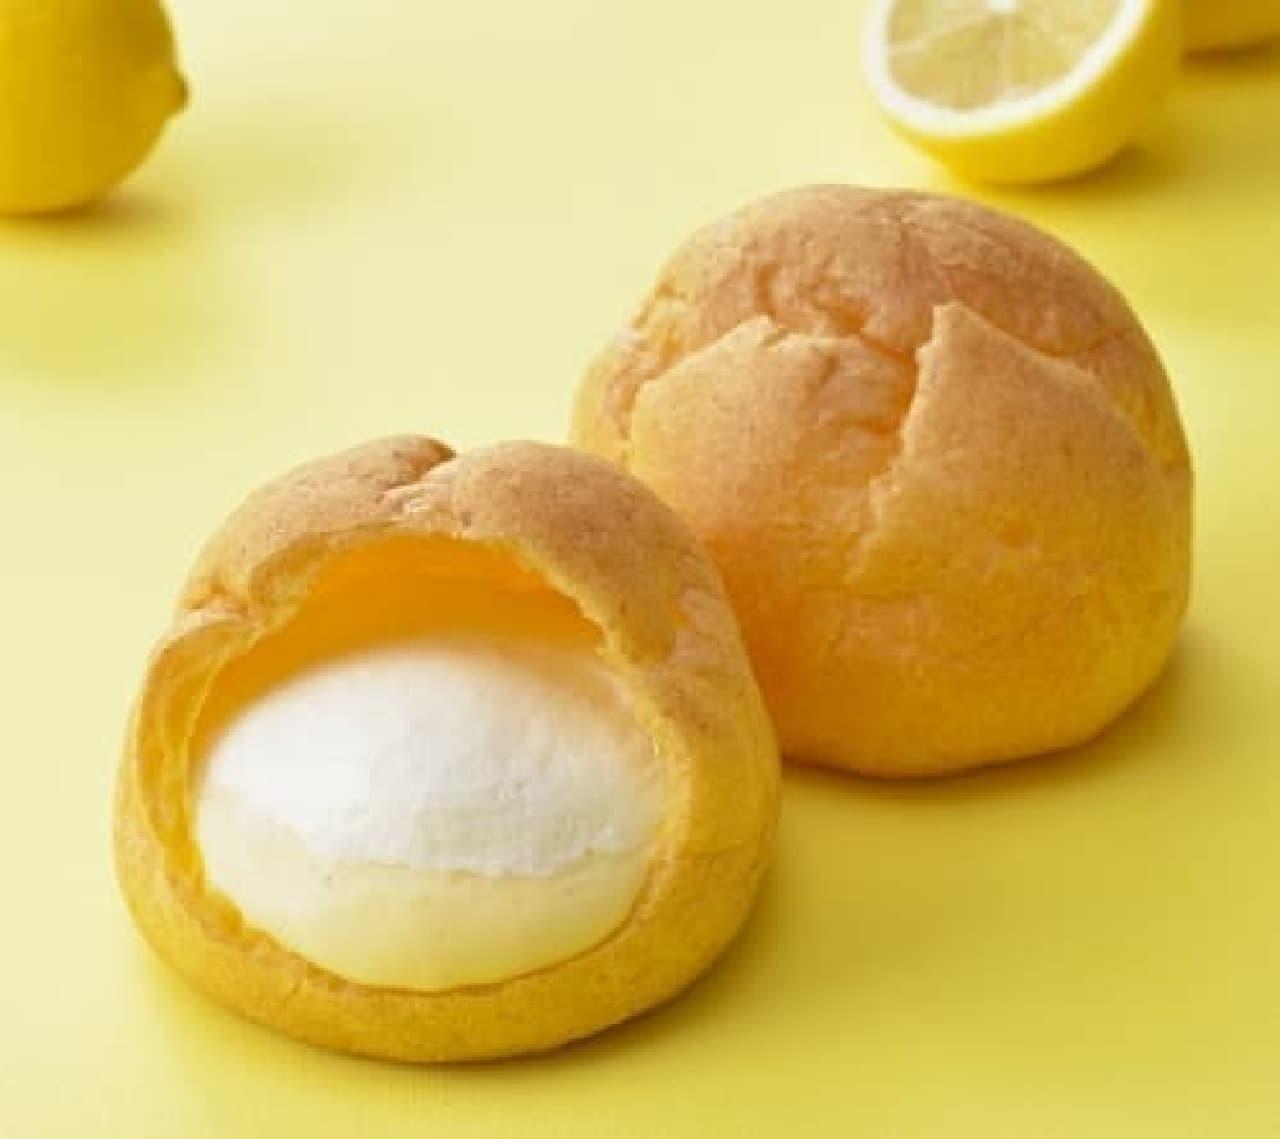 銀座コージーコーナー「ジャンボシュークリーム(瀬戸内レモン&チーズ)」